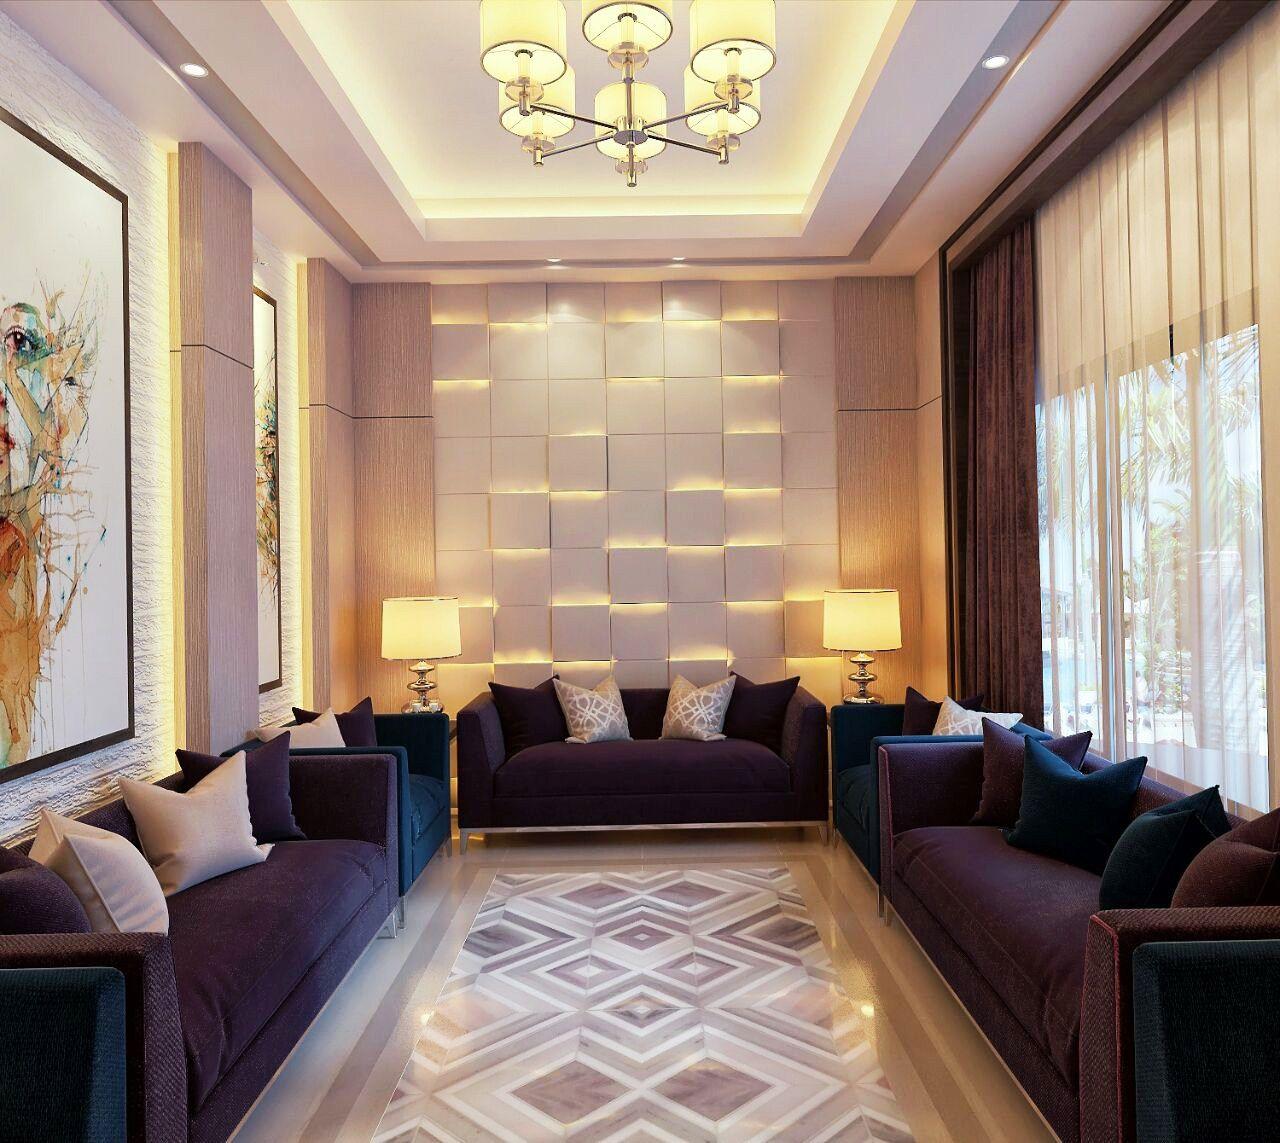 تصميم ديكور مجالس النساء والذى يعتمد بشكل كبير على ذوق المرأة وكيفية اختيارها لشكل التصميم المناسب لها ويتناسب ايضا مع استقبال واجتما Home Decor Design Decor